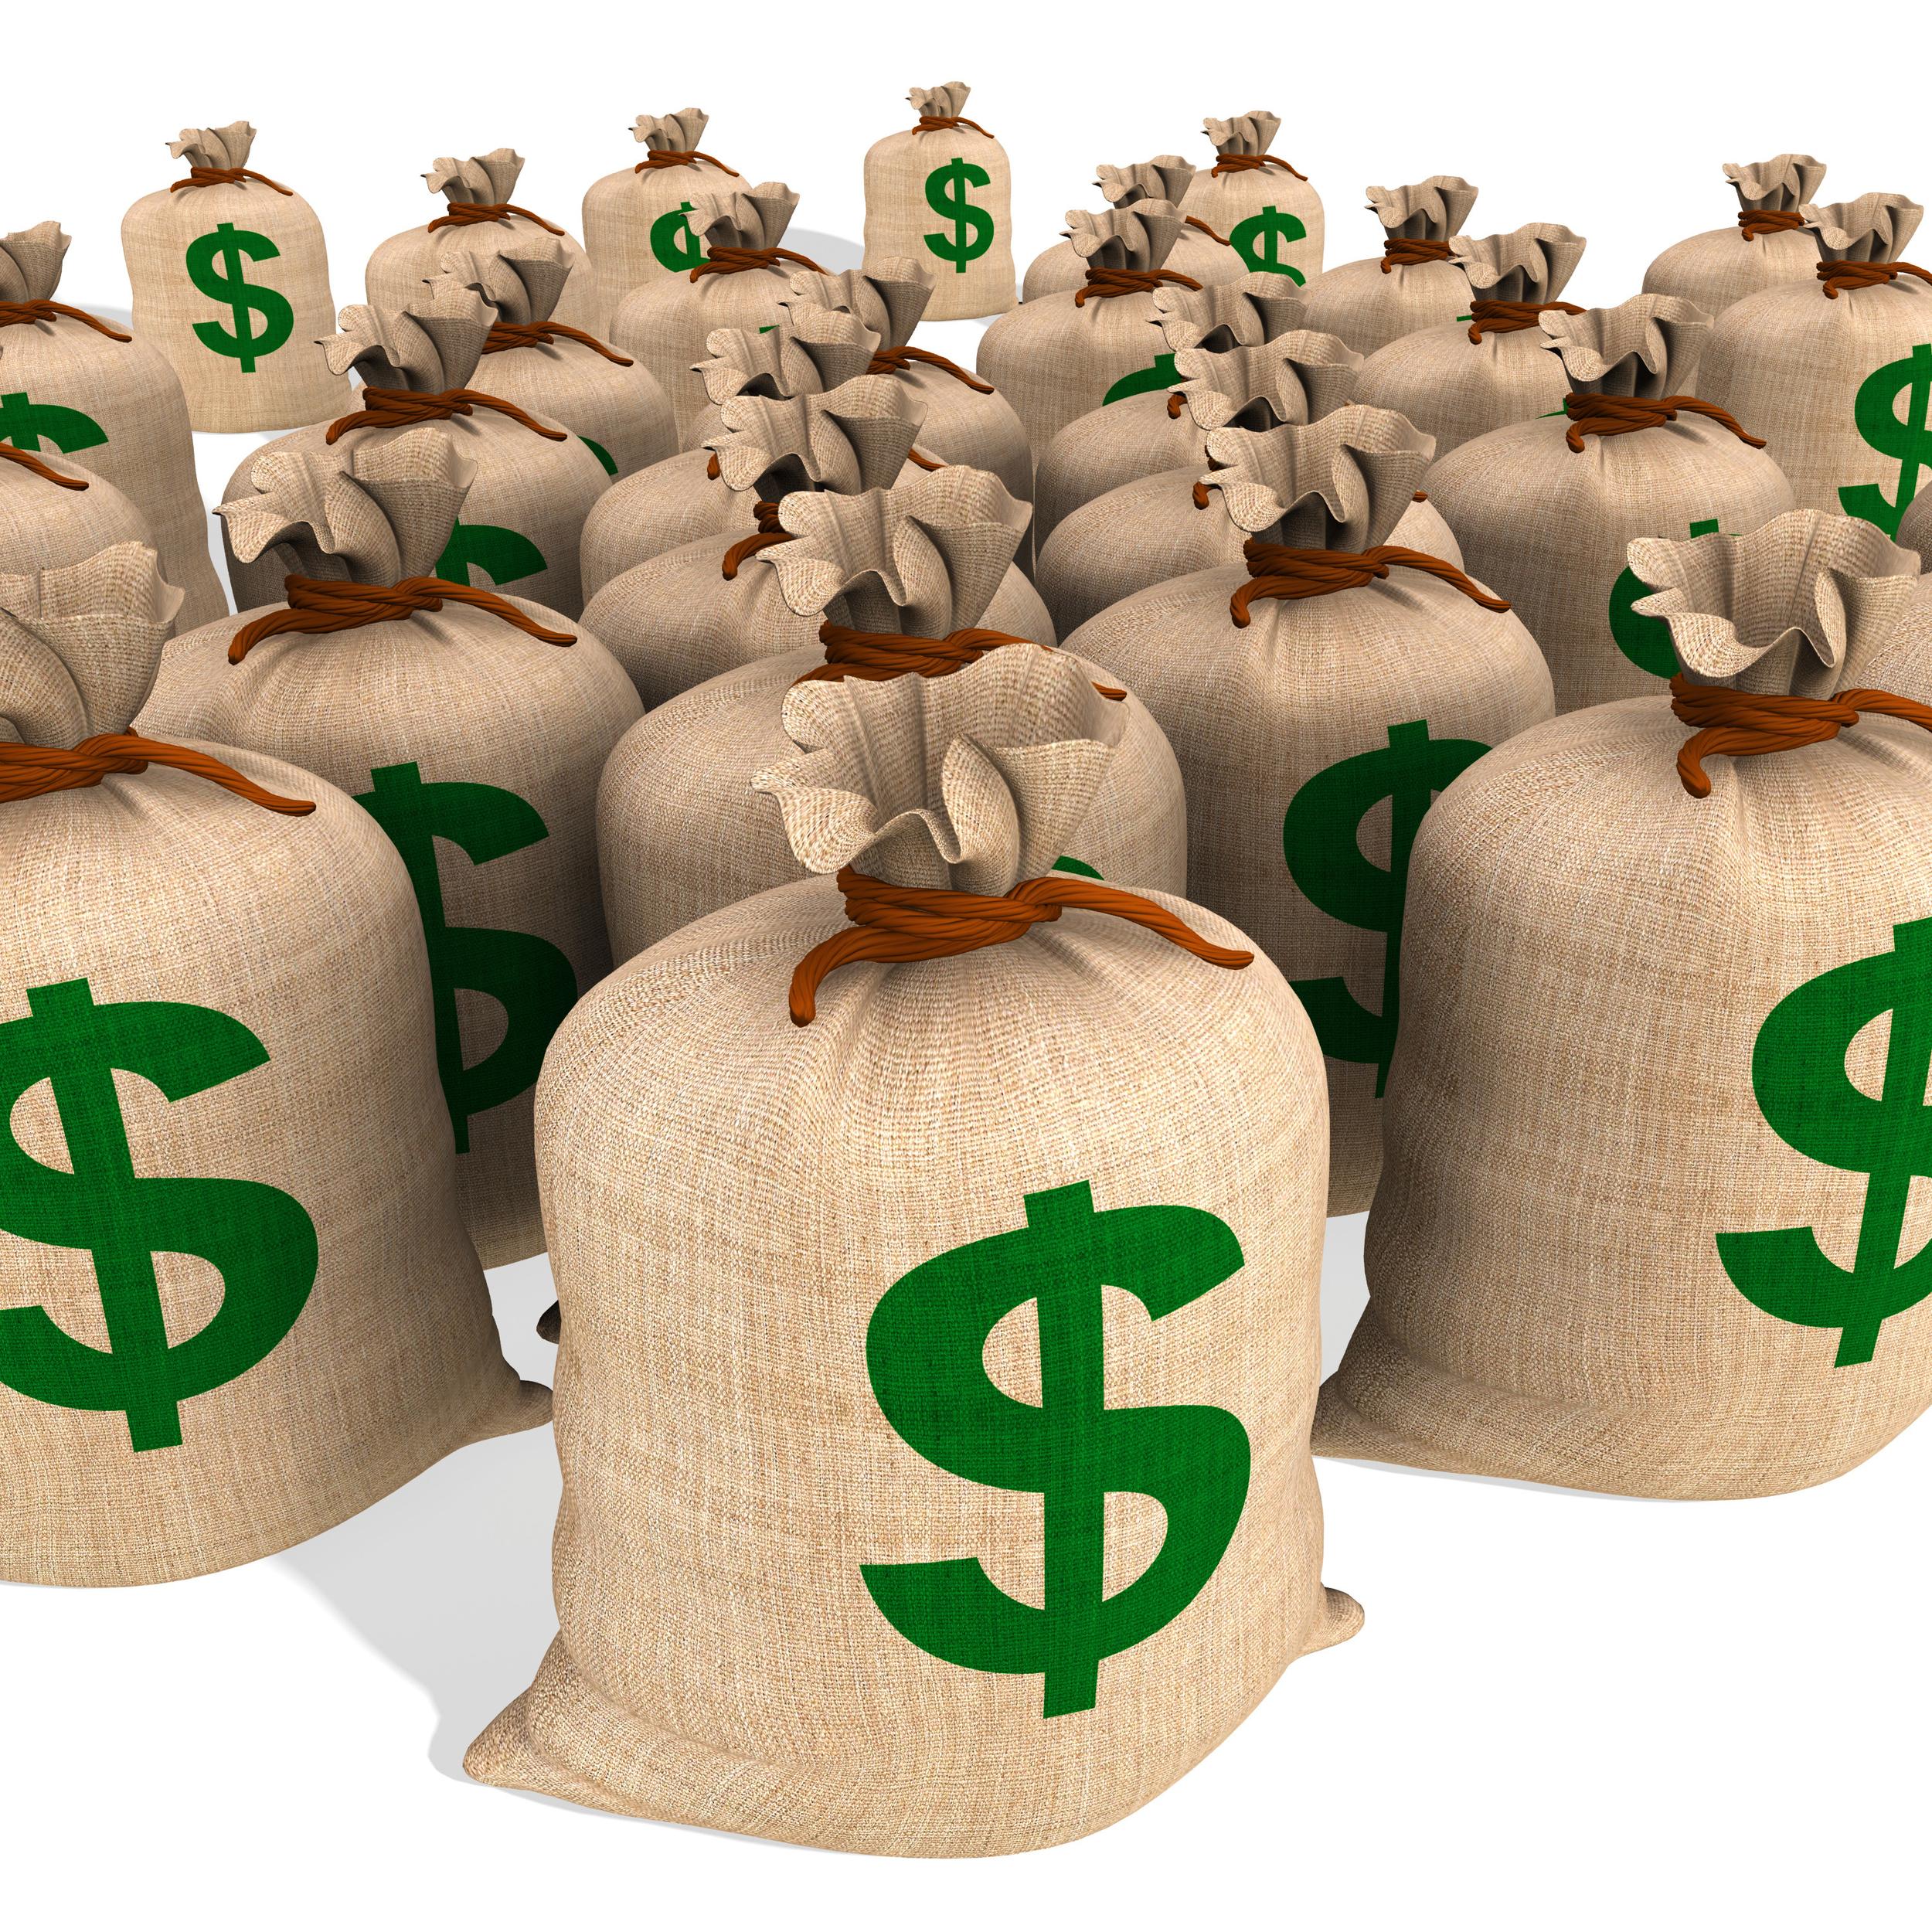 bags-of-money-showing-american-finances_GyjuH7Pu.jpg